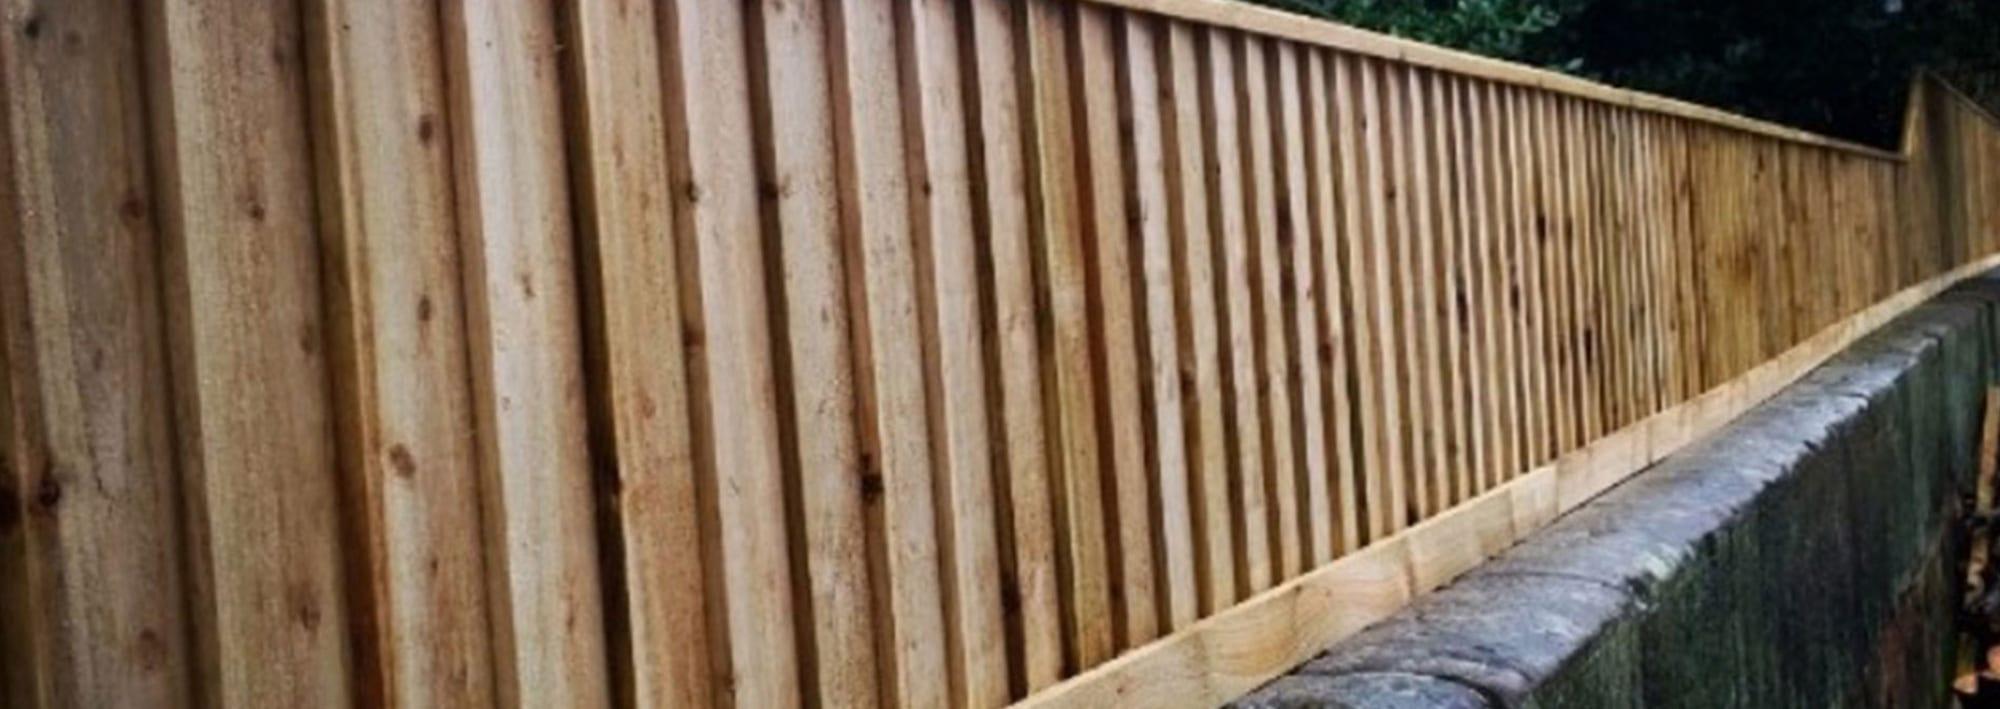 fencing shrewsbury